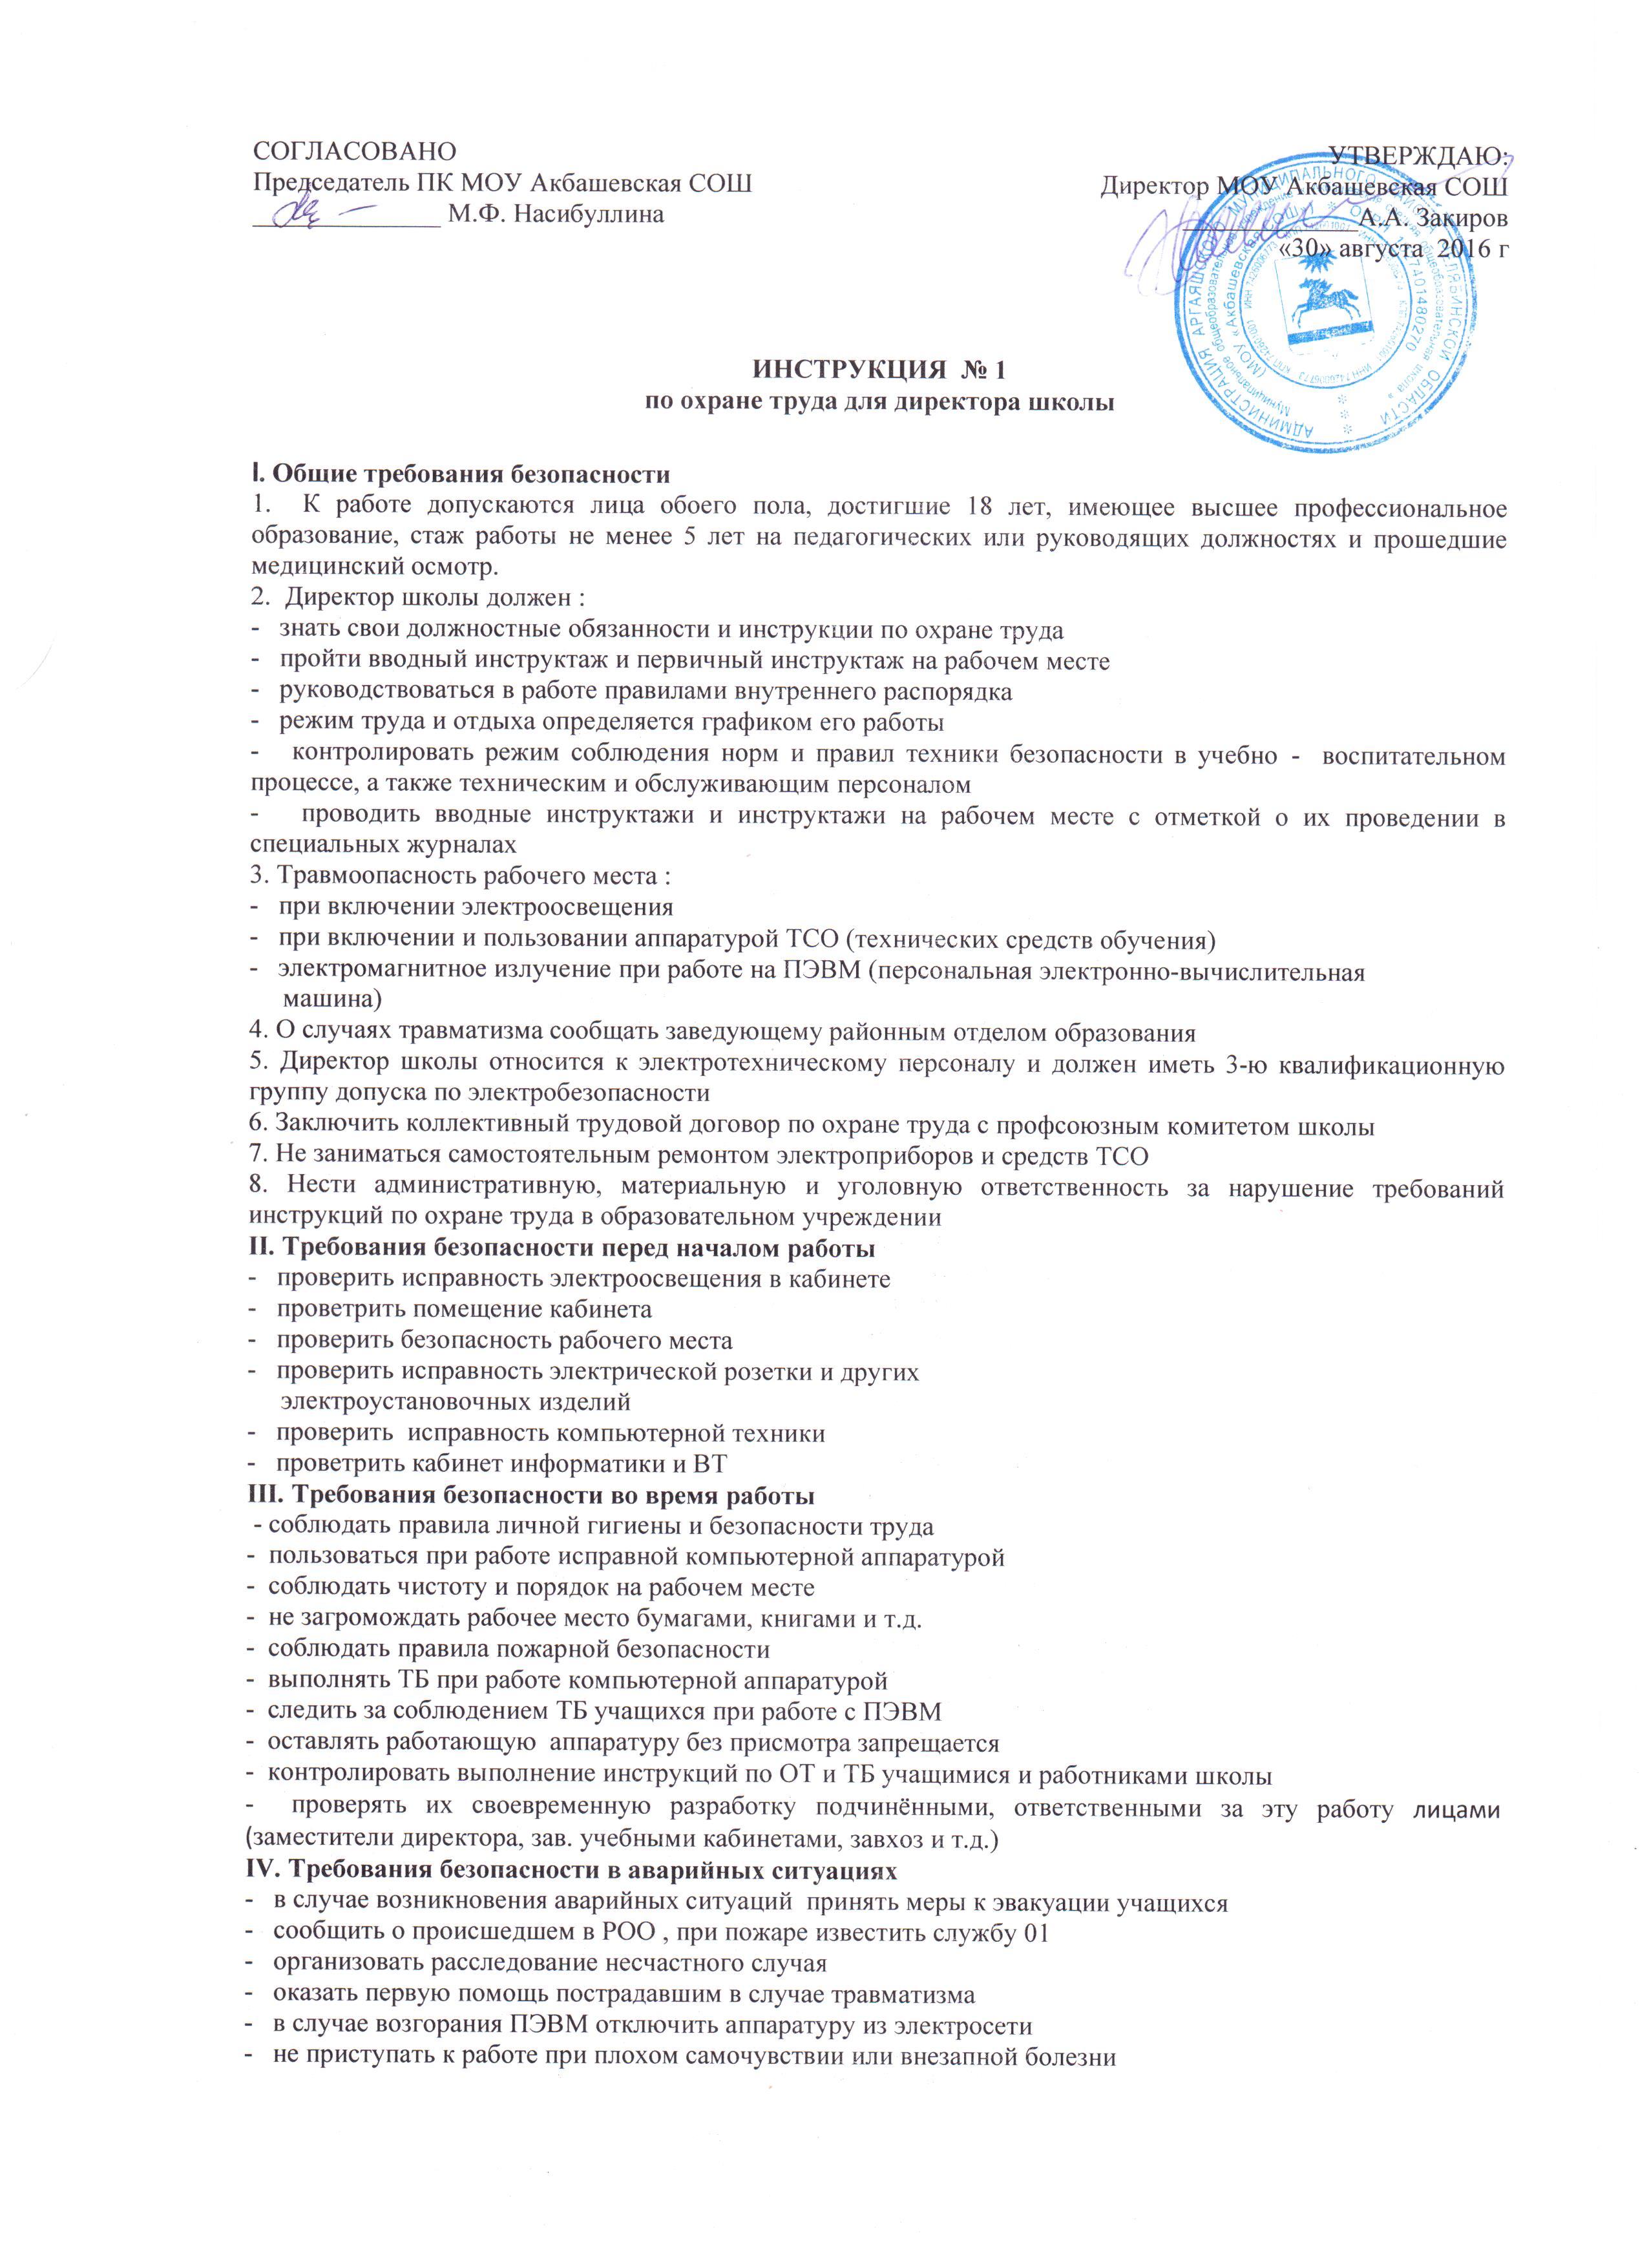 Инструкция 1 по охране труда